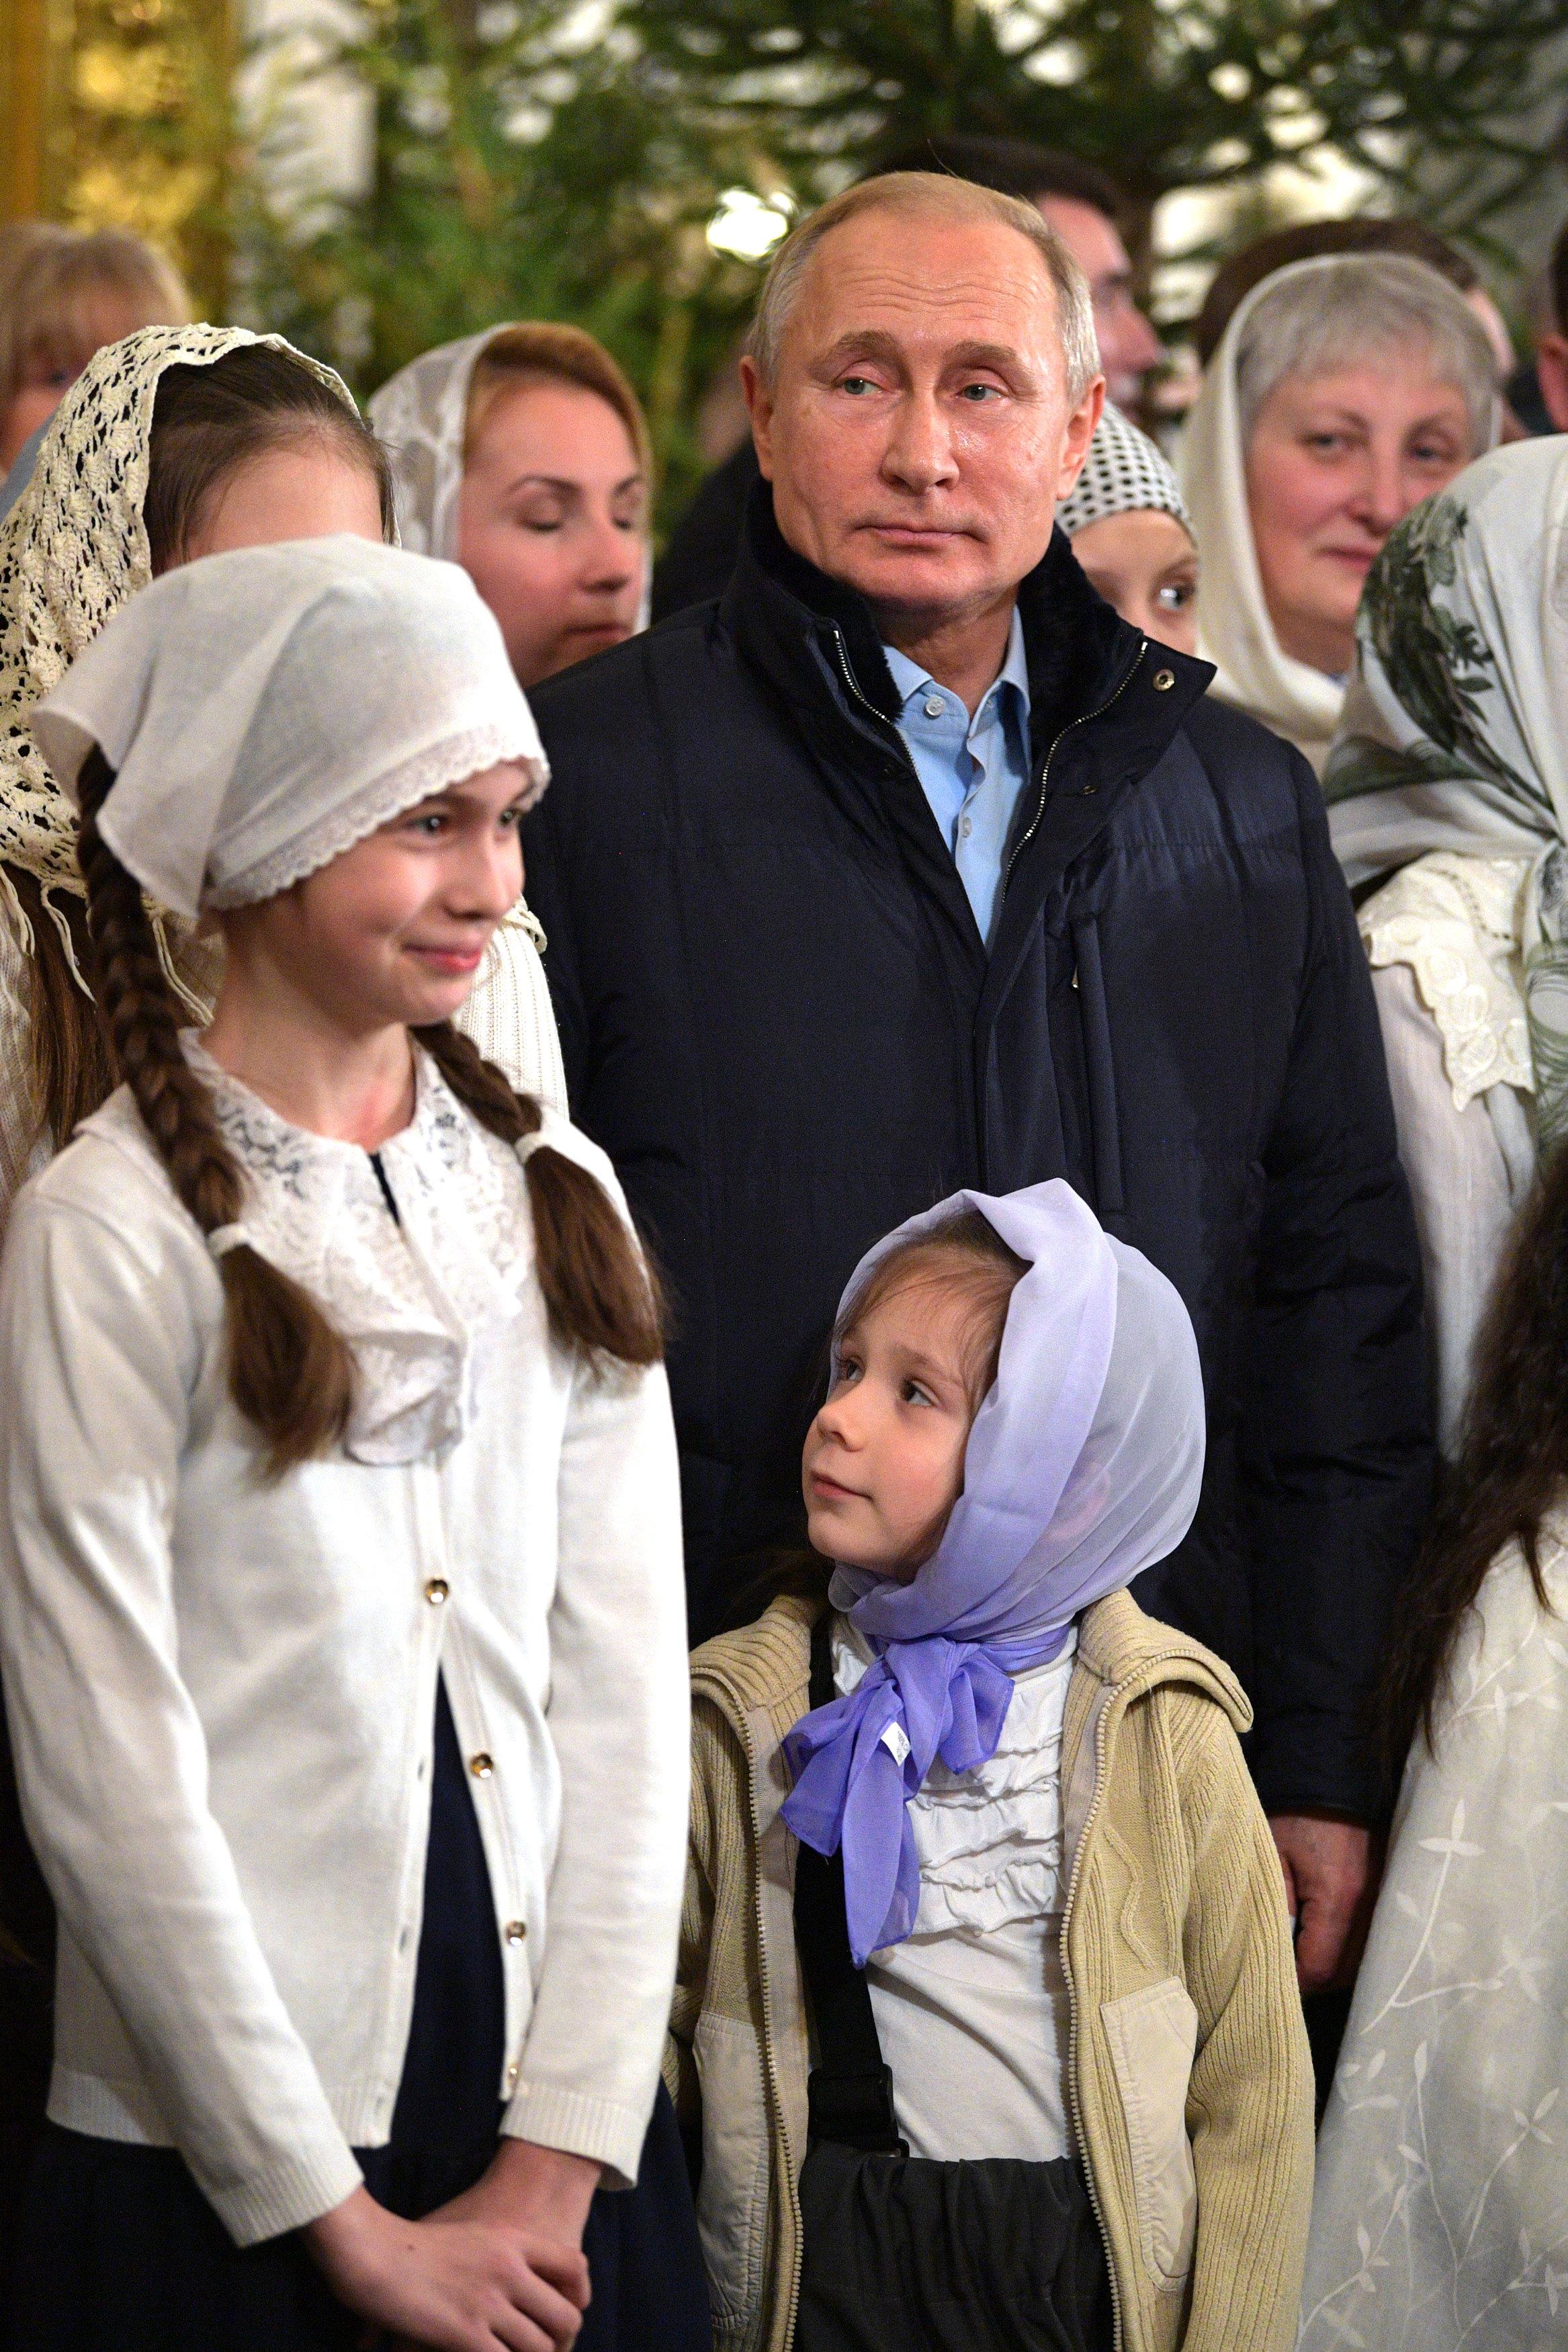 الرئيس بوتين يحضر قداس عيد الميلاد فى إحدى كنائس (2)